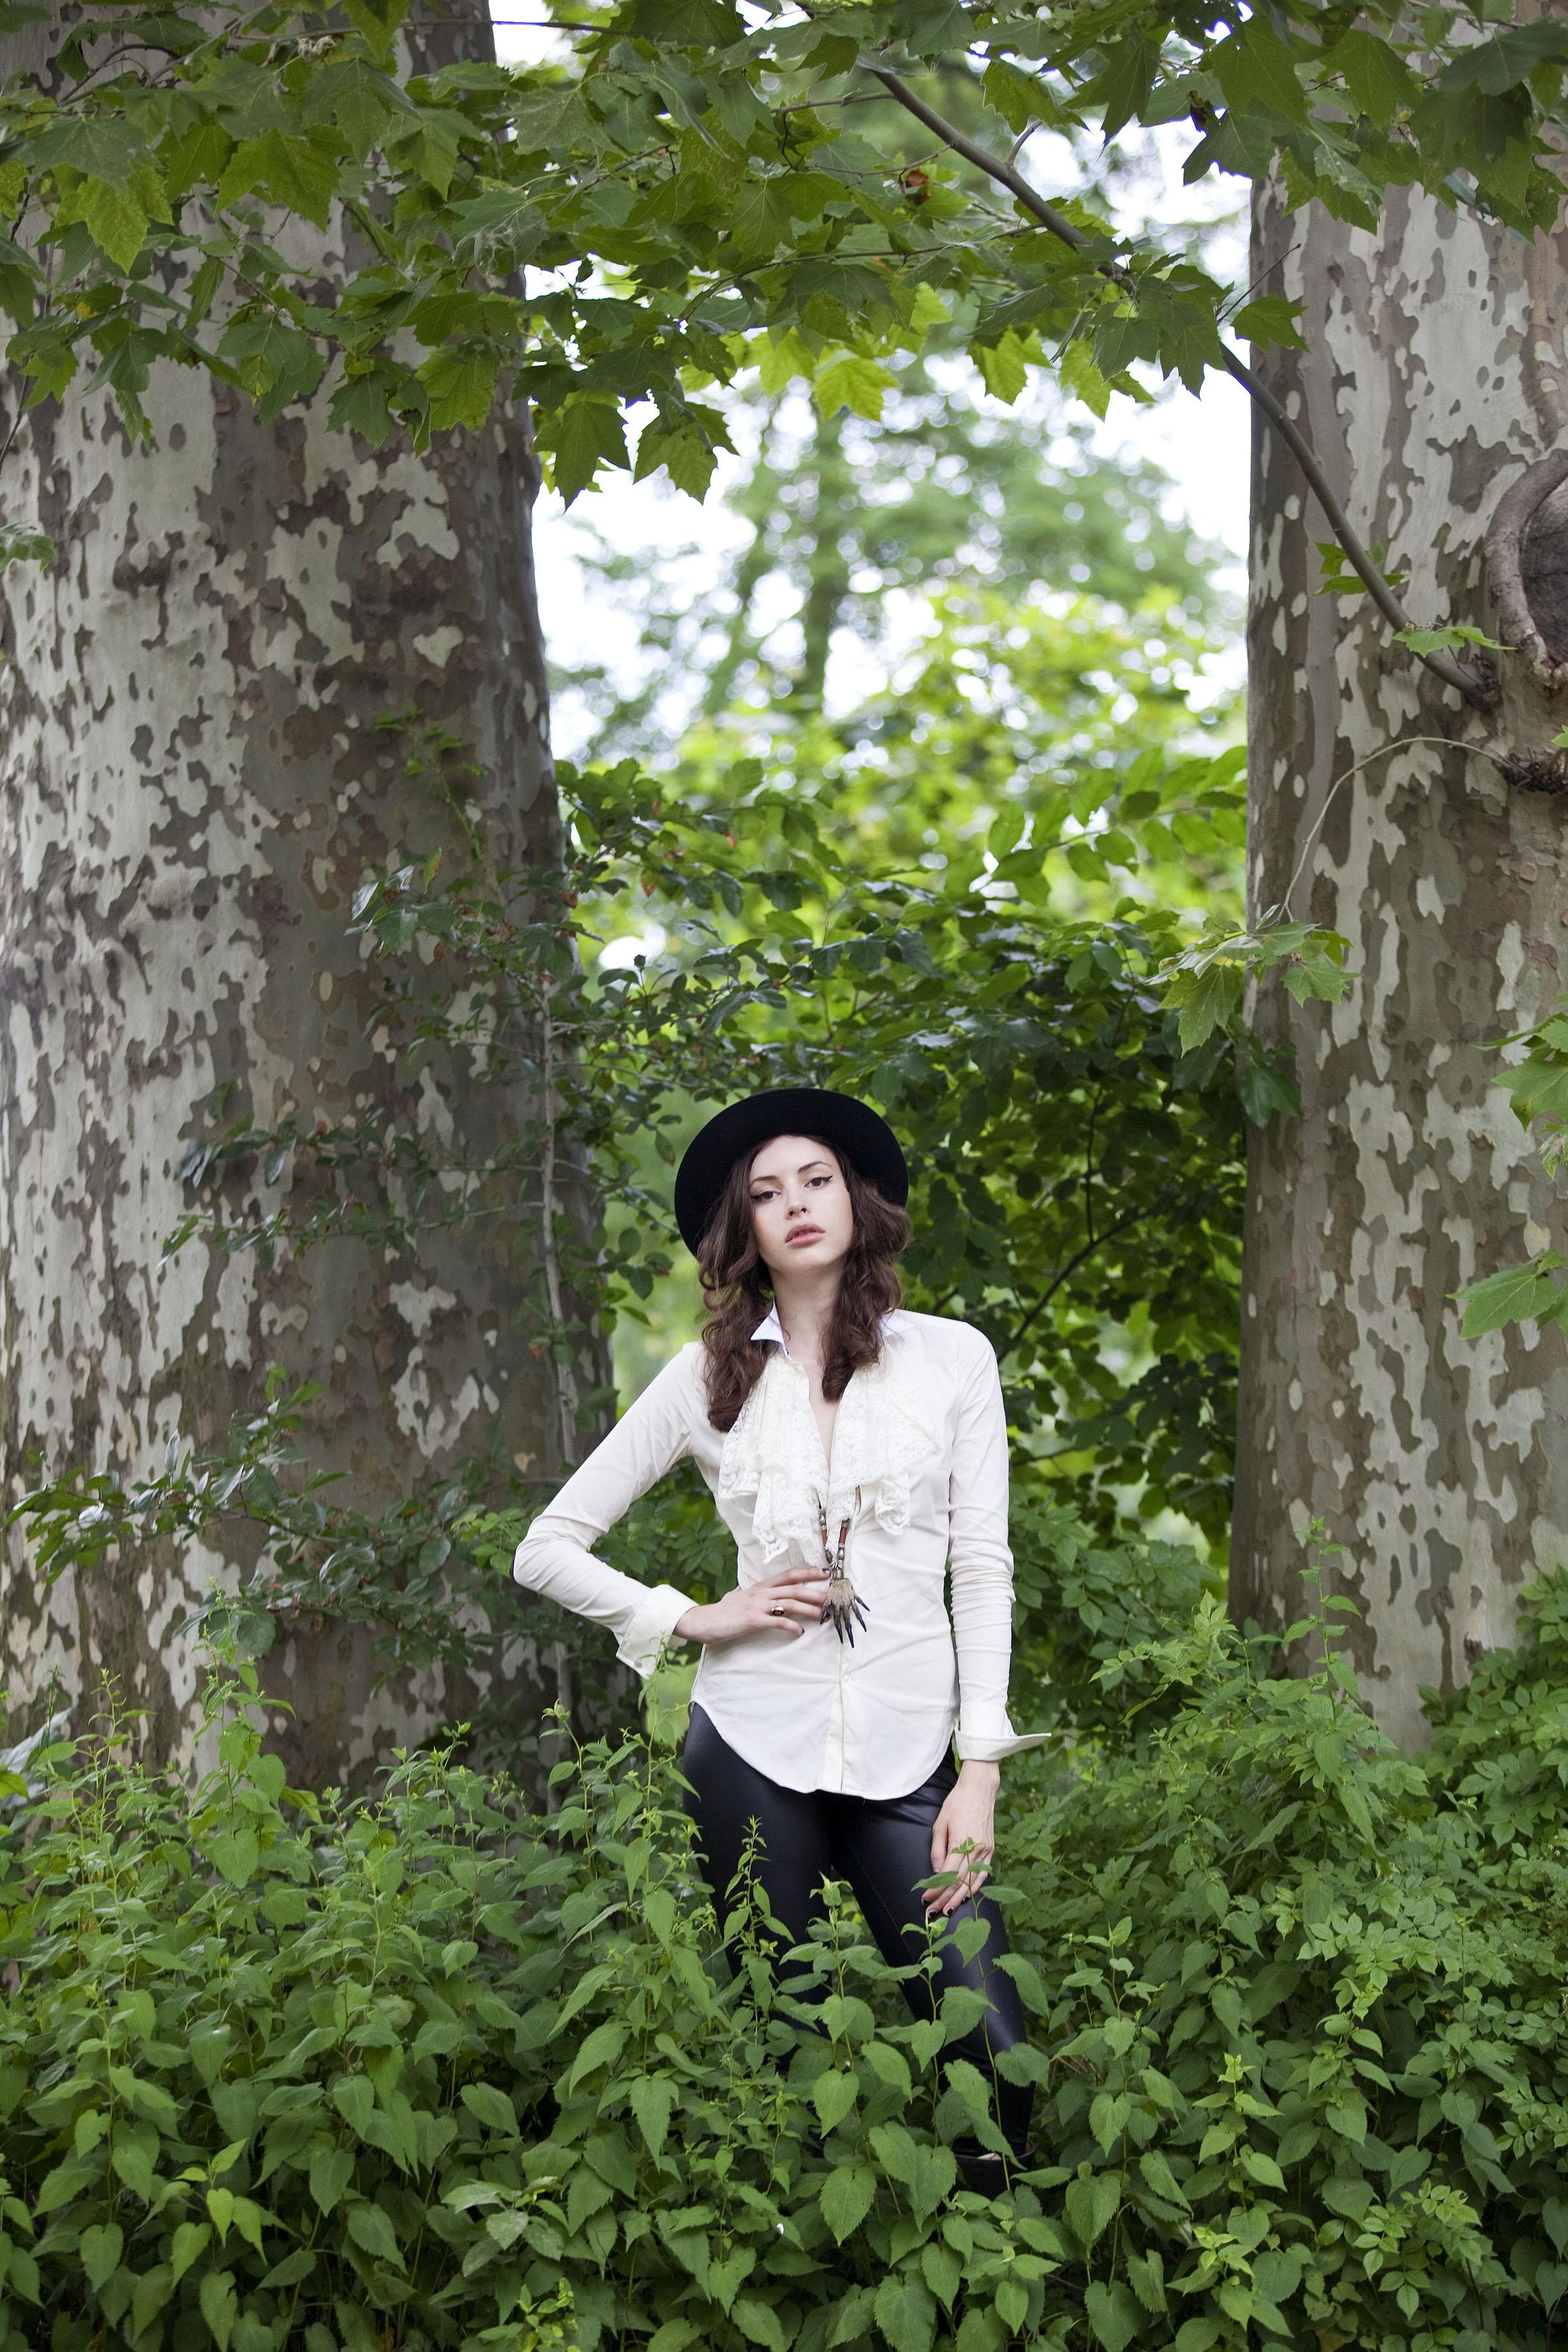 Charlotte Kemp Muhl | model and singer